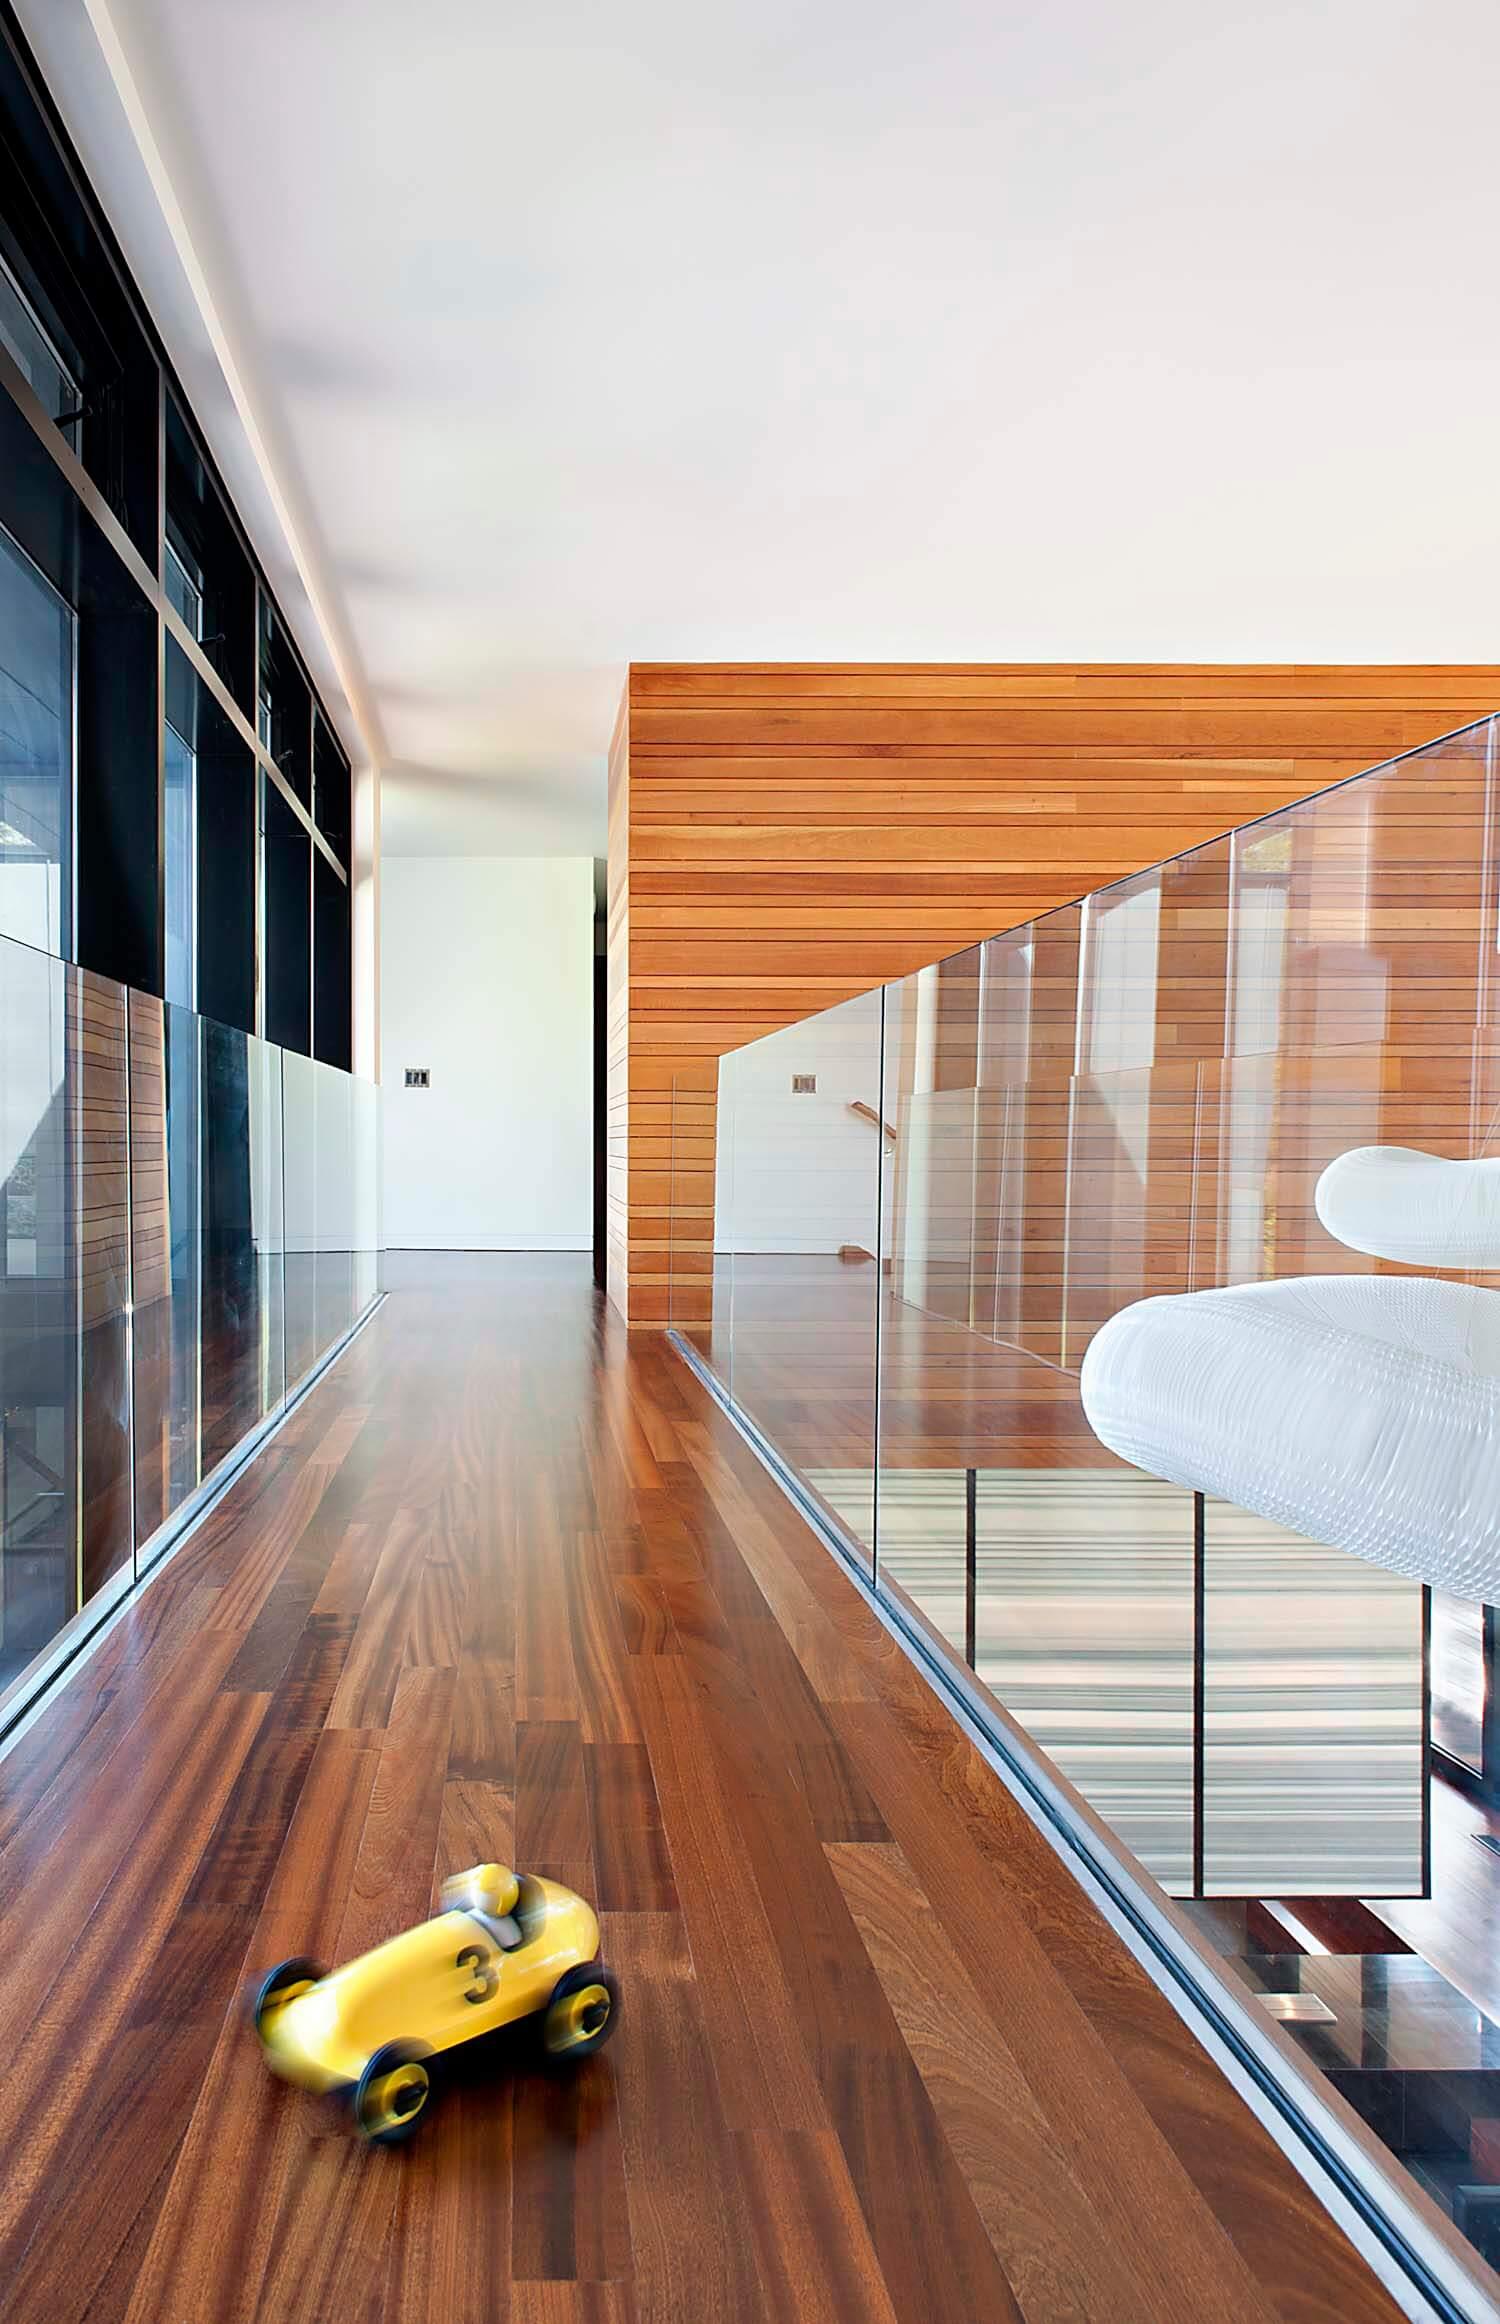 Passerelle supérieure gardée par des balustrades en verre, avec un riche parquet en bois franc foncé au deuxième étage.